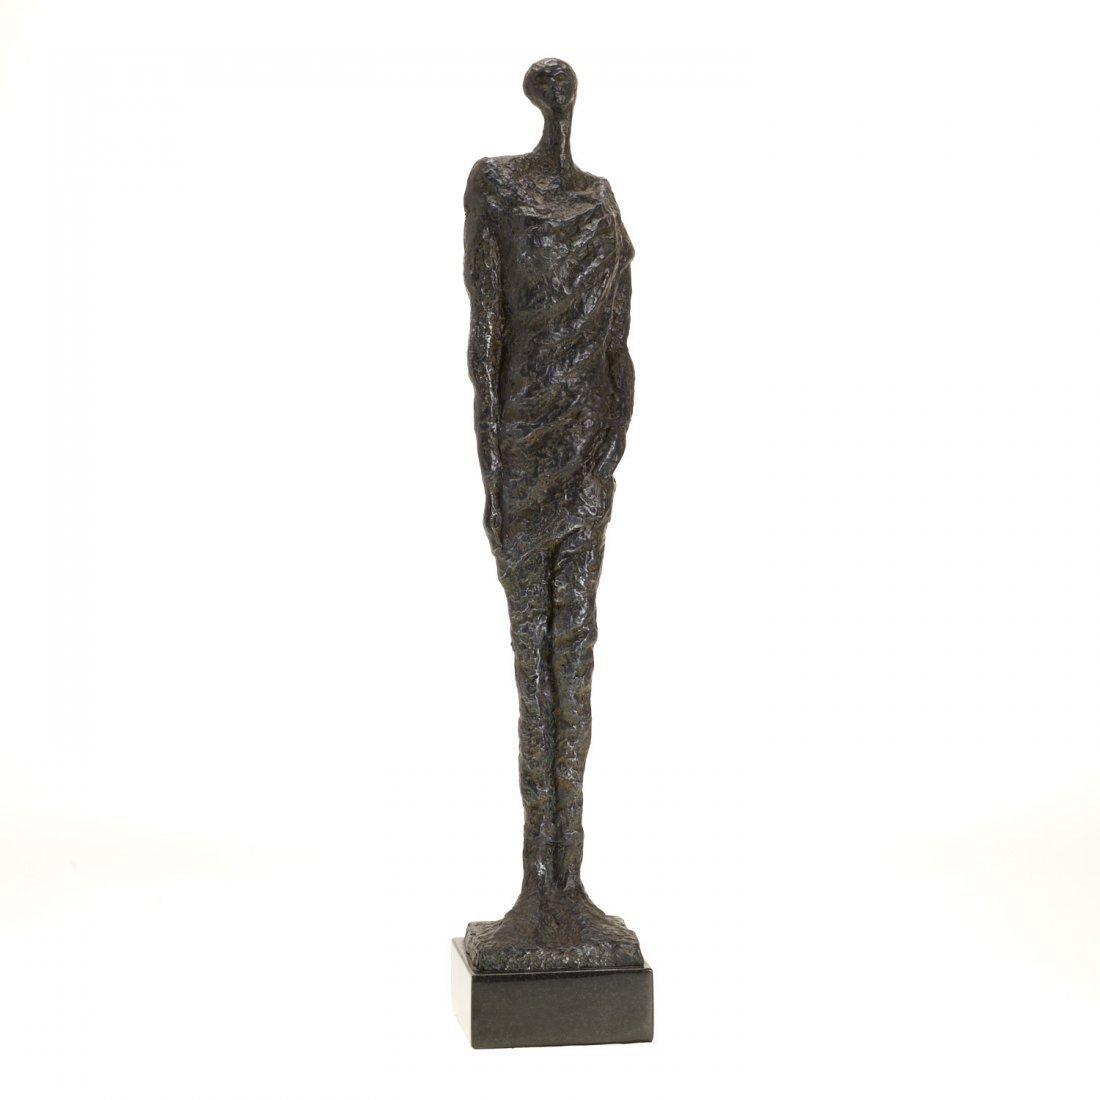 Manner Alberto Giacometti, bronze sculpture